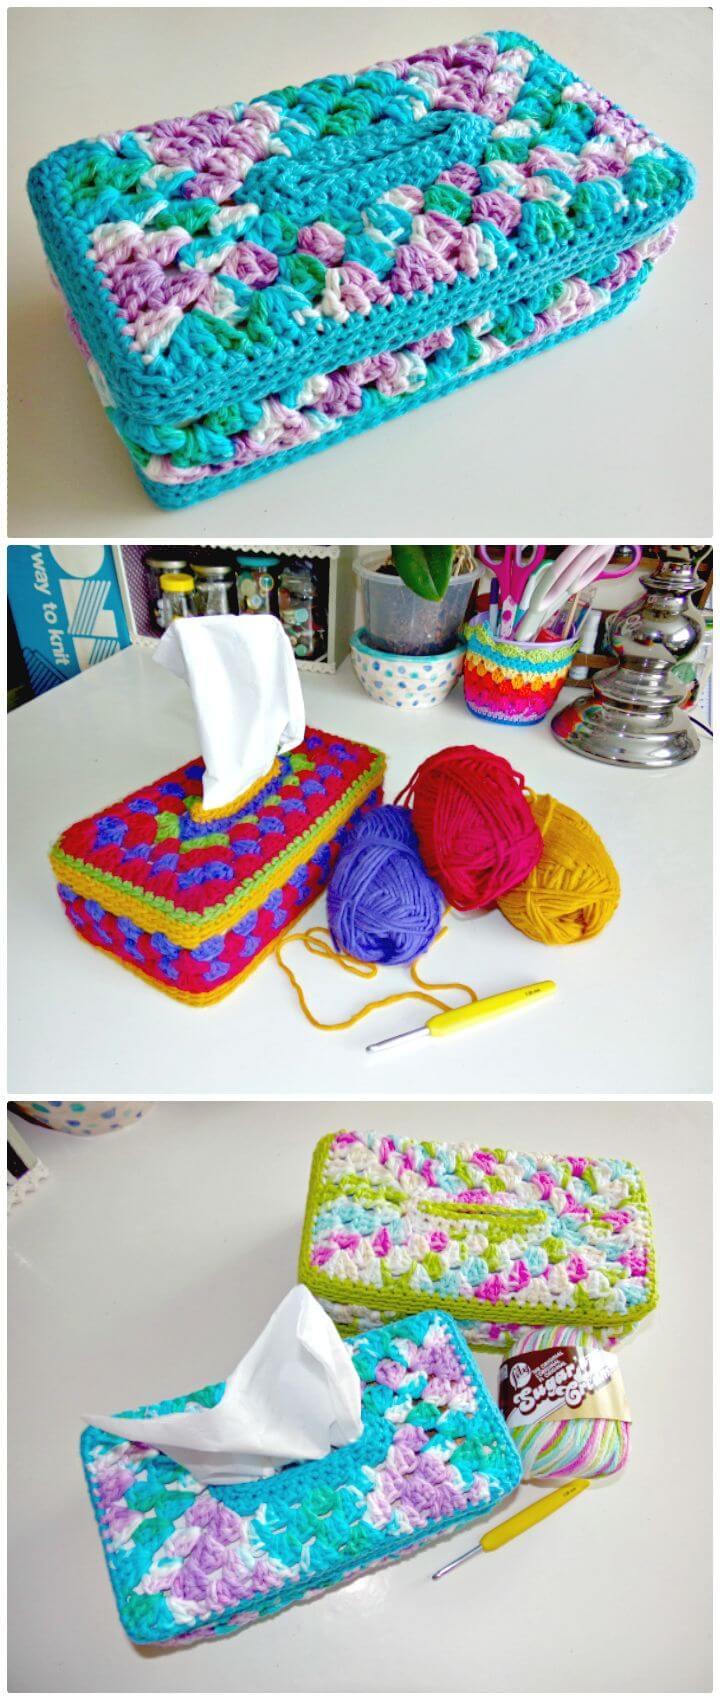 Patrón de cubierta de caja de pañuelos de panel abuelita de ganchillo fácil y gratuito